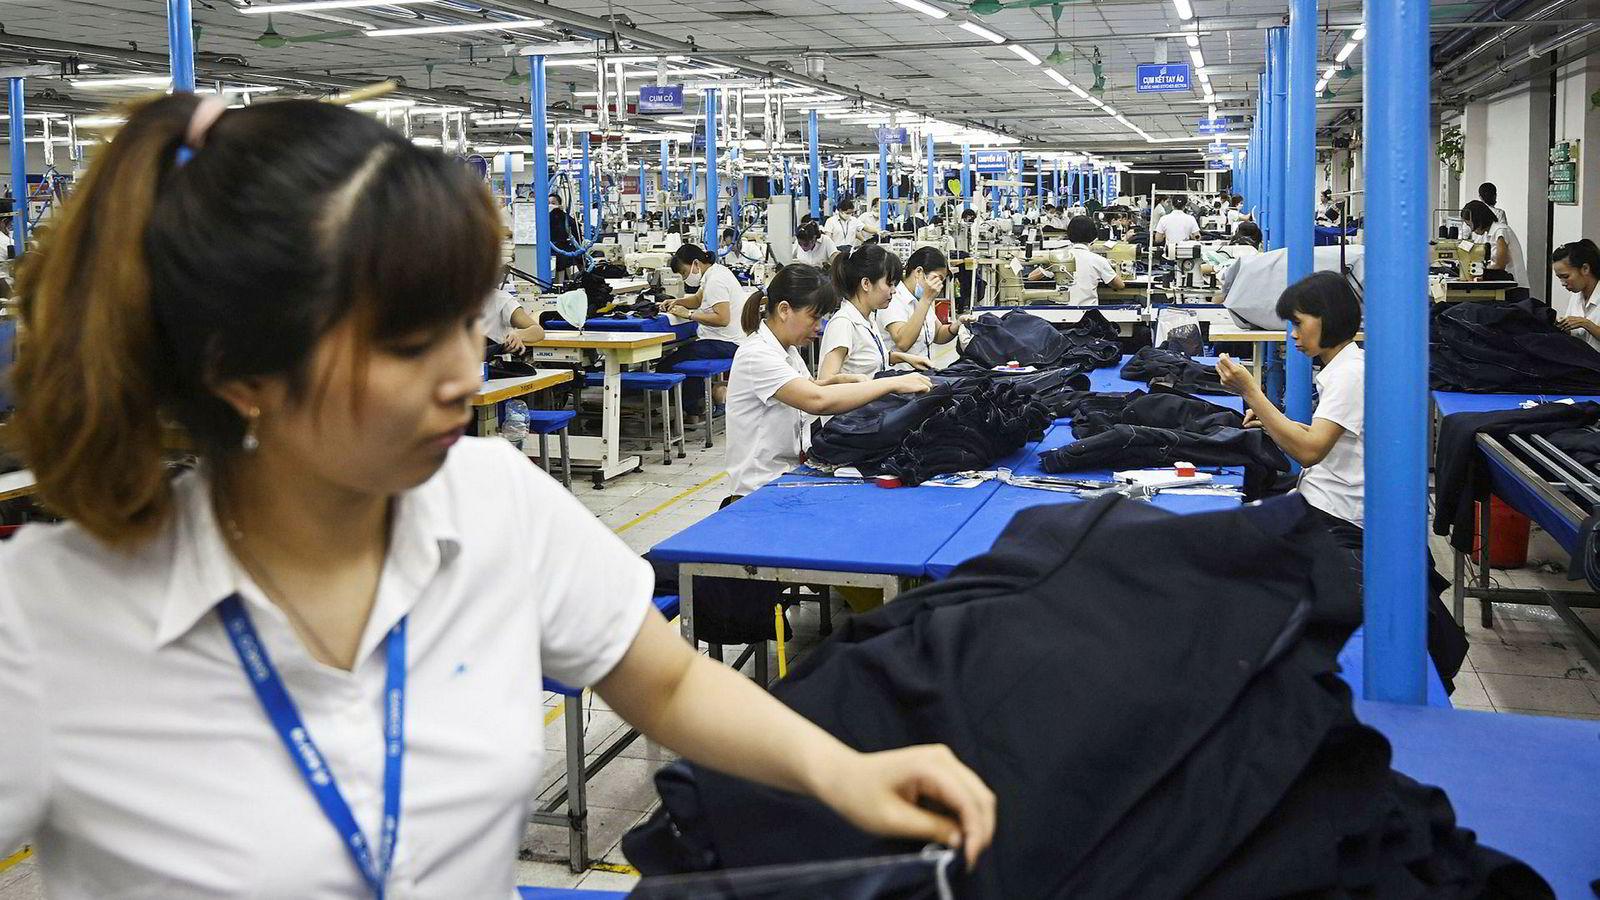 Vietnam er den største vinneren i handelskrigen mellom USA og Kina. Amerikanske Importører setter inn ordrer på alt fra tekstiler og vaskemaskiner – til smarttelefoner og møbler ved fabrikker i Vietnam. Her fra en dressfabrikk i Hanoi.